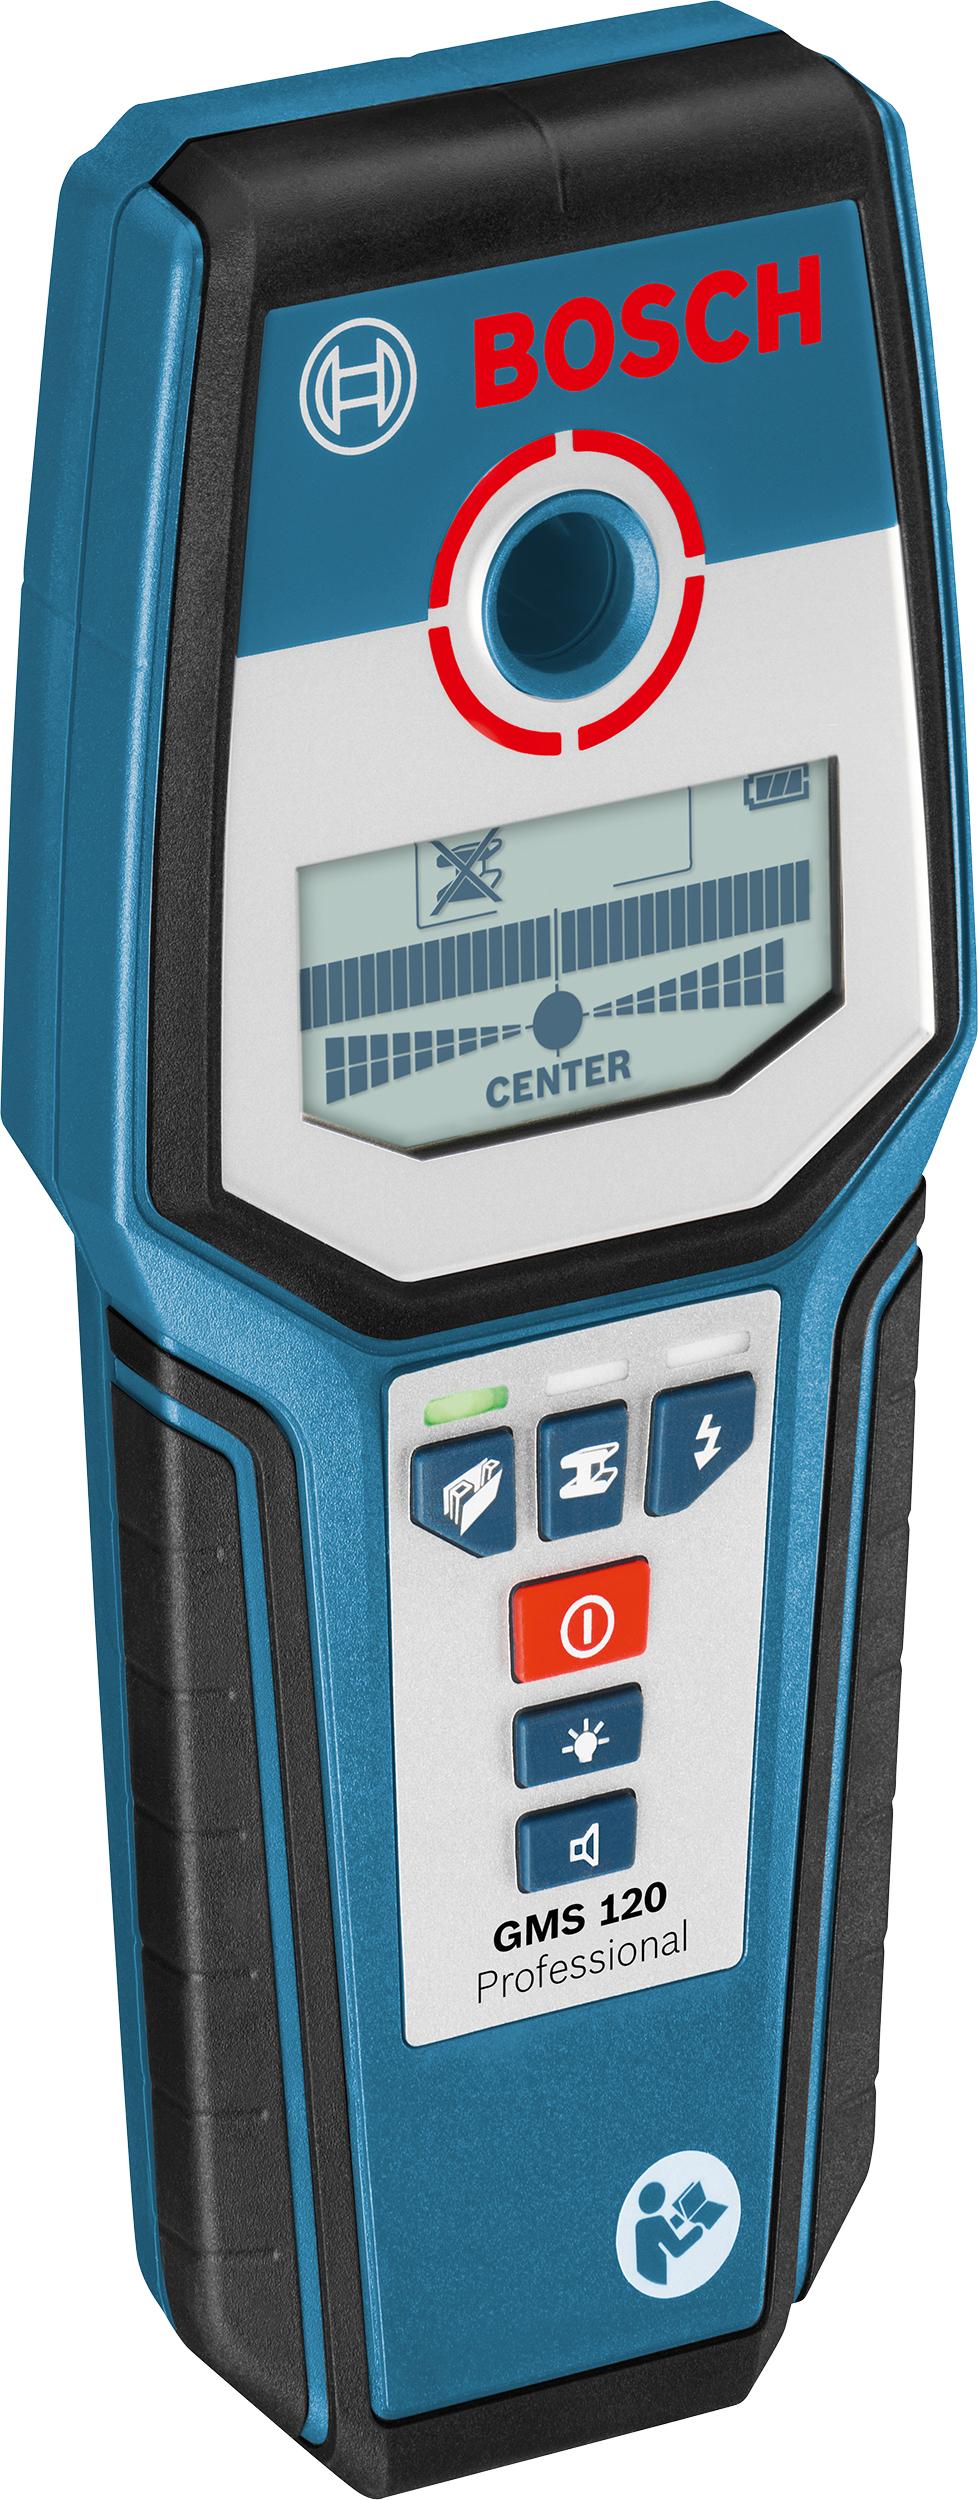 Bosch GMS 120 Professional Metallortungsgerät m. Schutztasche